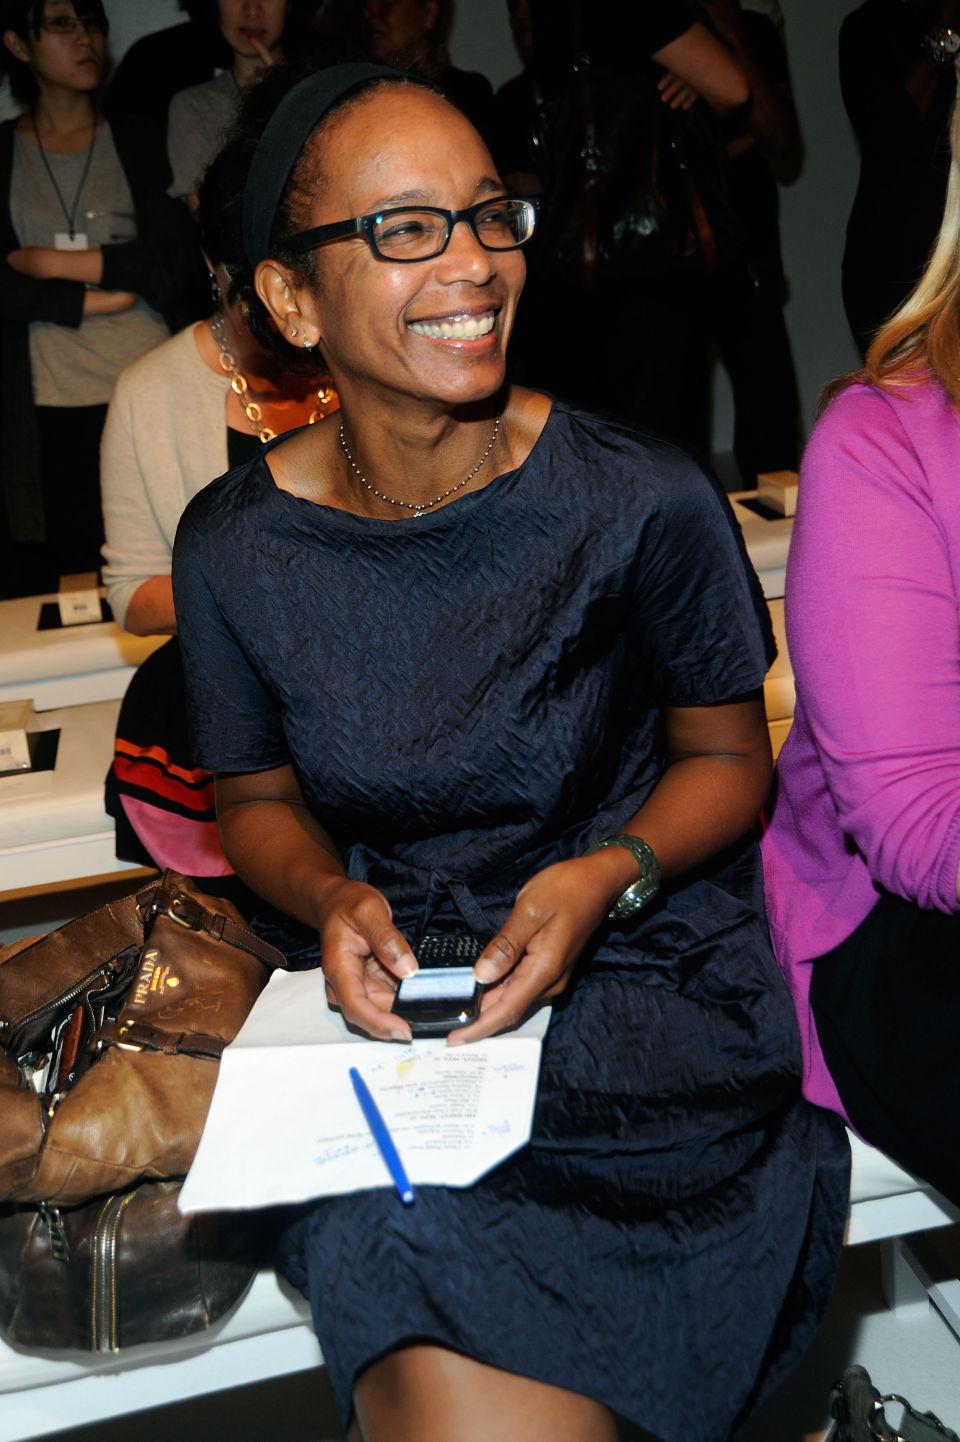 """Робин Гиван Моден редактор на The Washington Post Чаровната дама е носител на наградата """"Пулицър"""" за моден критик и журналист и безпроблемно свързва привидно несериозните модни индулгенции с по-широк културен контекст."""